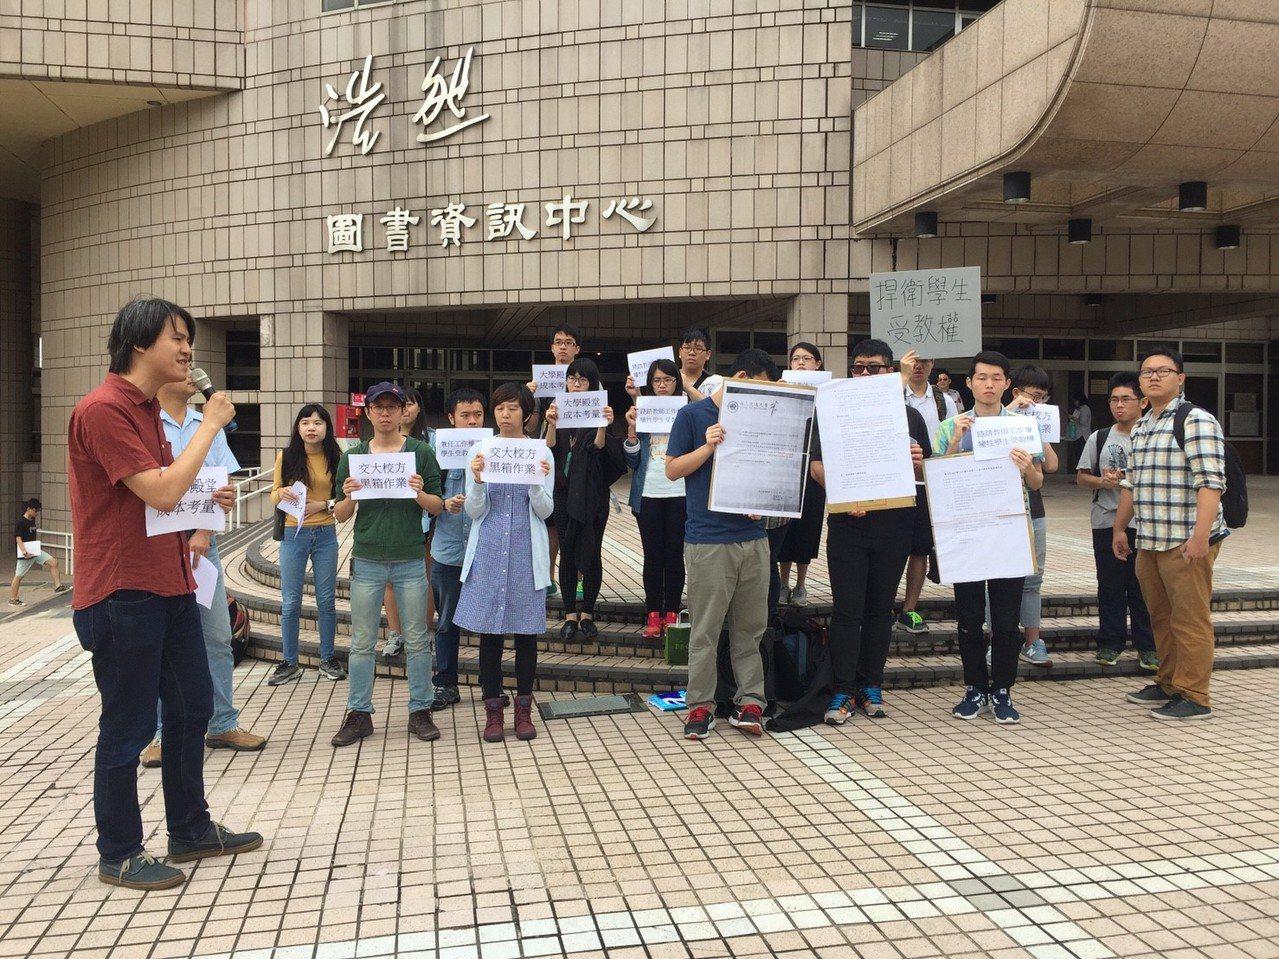 交大課改傳將裁半數兼任老師,學生、老師不滿昨抗議。 記者郭宣彣/攝影